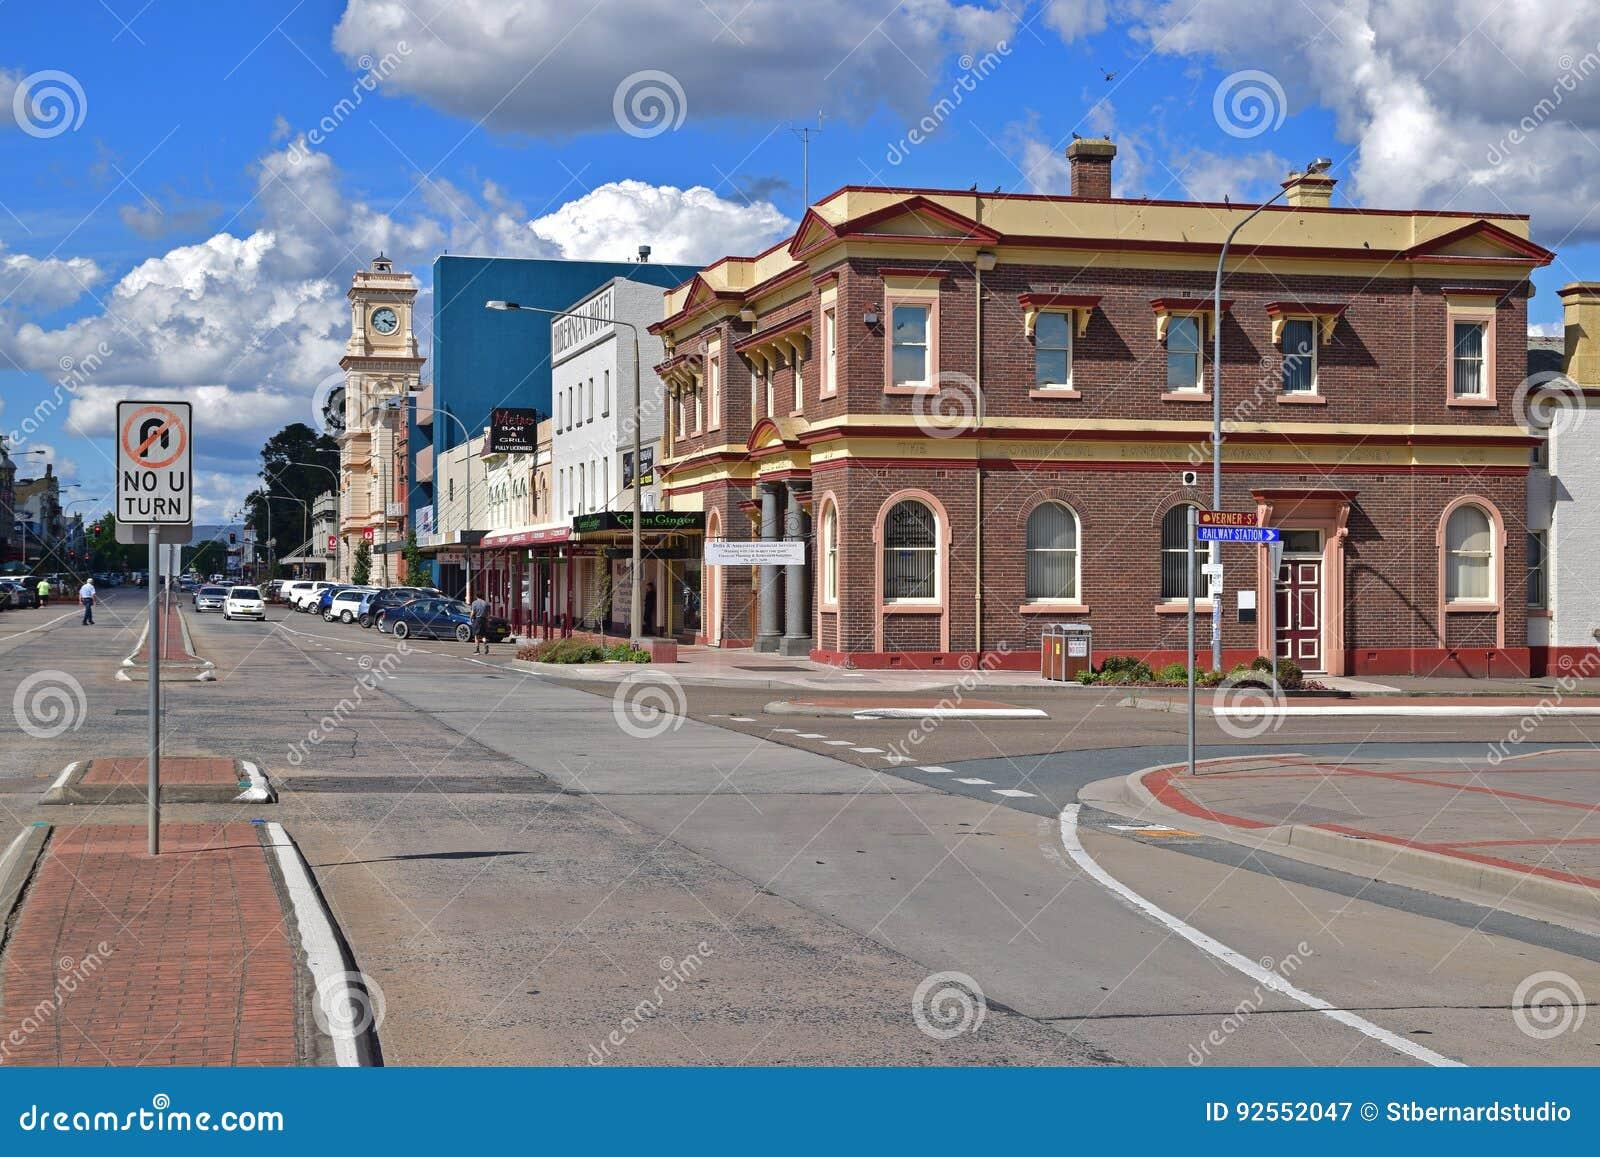 Strada principale calma della via castana dorata al centro urbano di Goulburn, Nuovo Galles del Sud, Australia